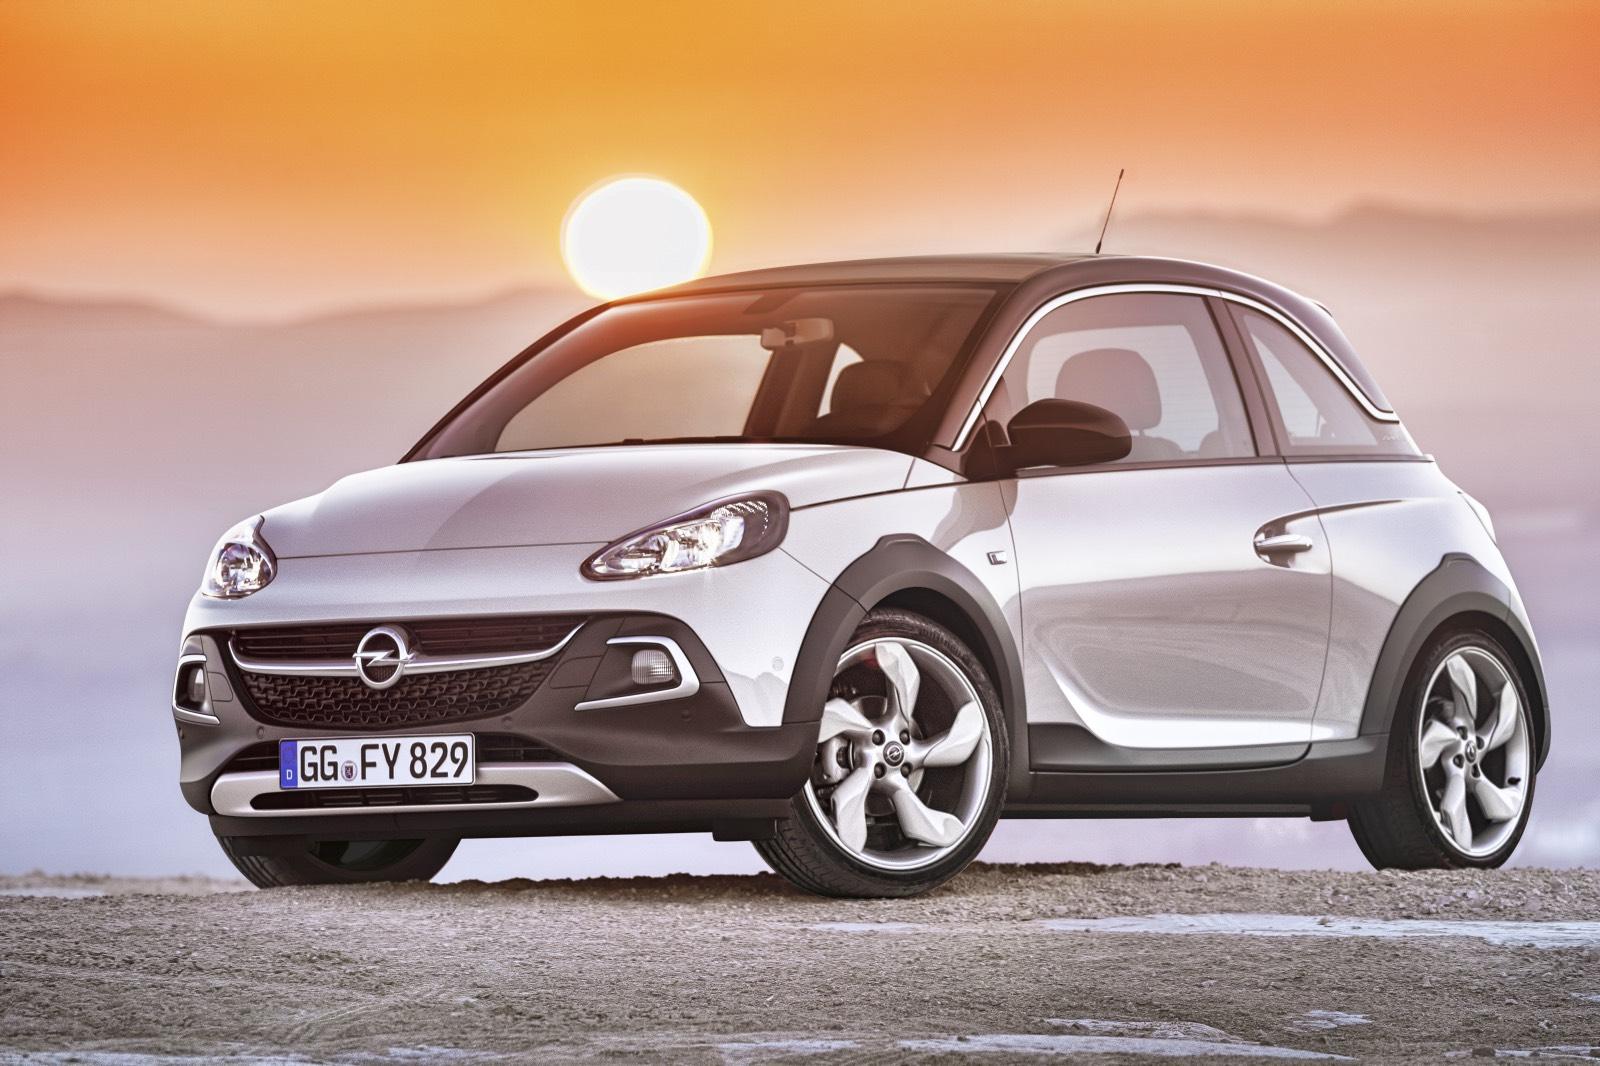 Ernst Bobby Car Mercedes Sls Gold Wir Haben Lob Von Kunden Gewonnen Kinderfahrzeuge Spielzeug